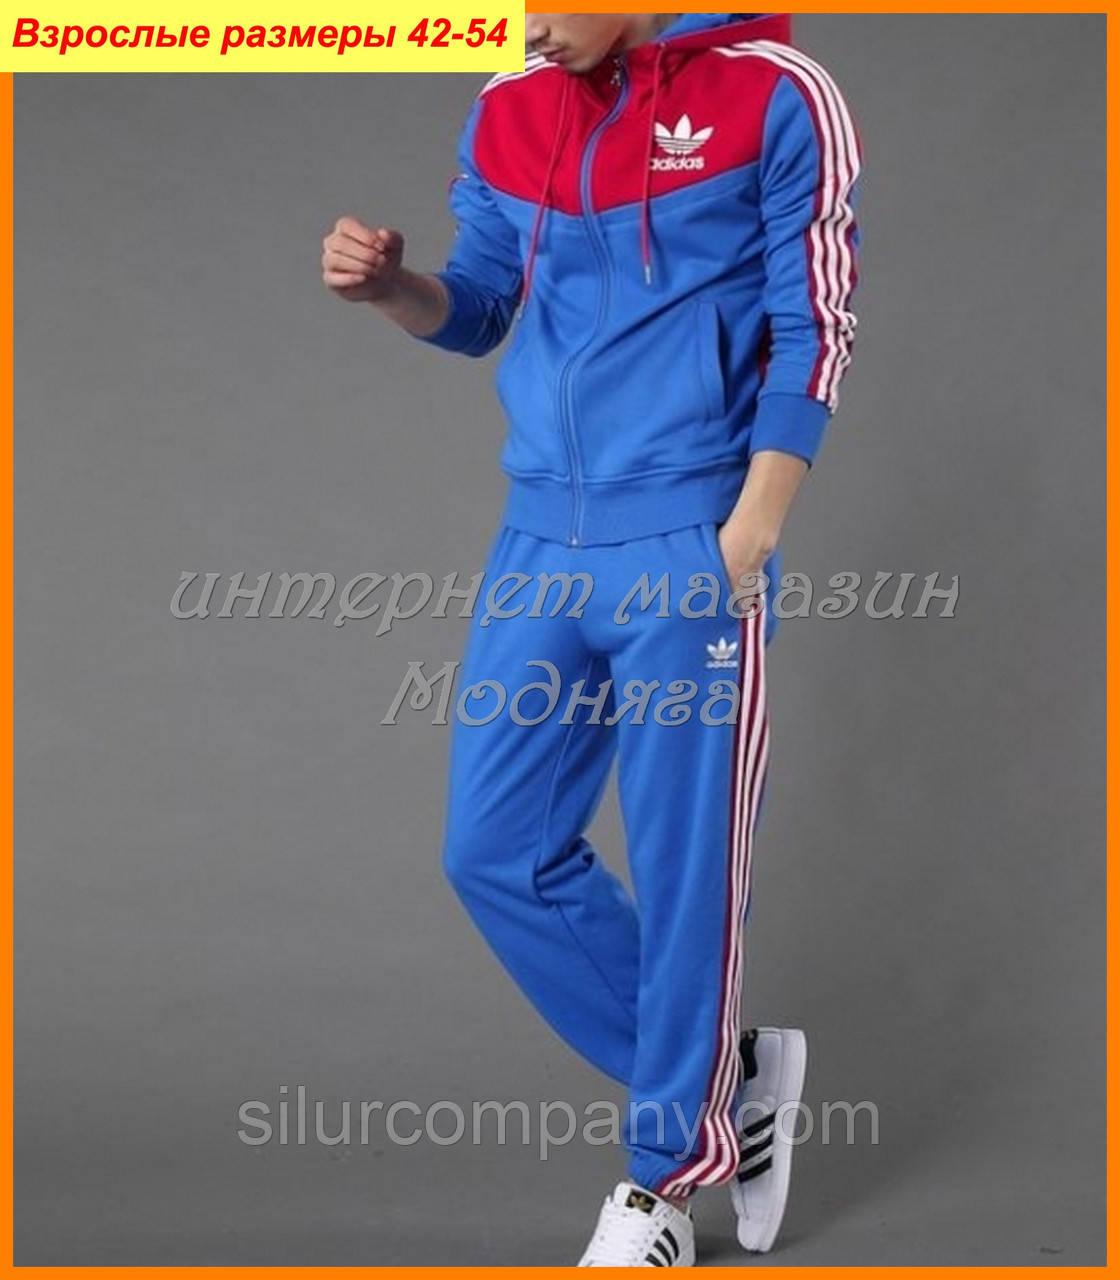 ea95d83d Костюмы Адидас для занятий спортом | Adidas - Интернет магазин